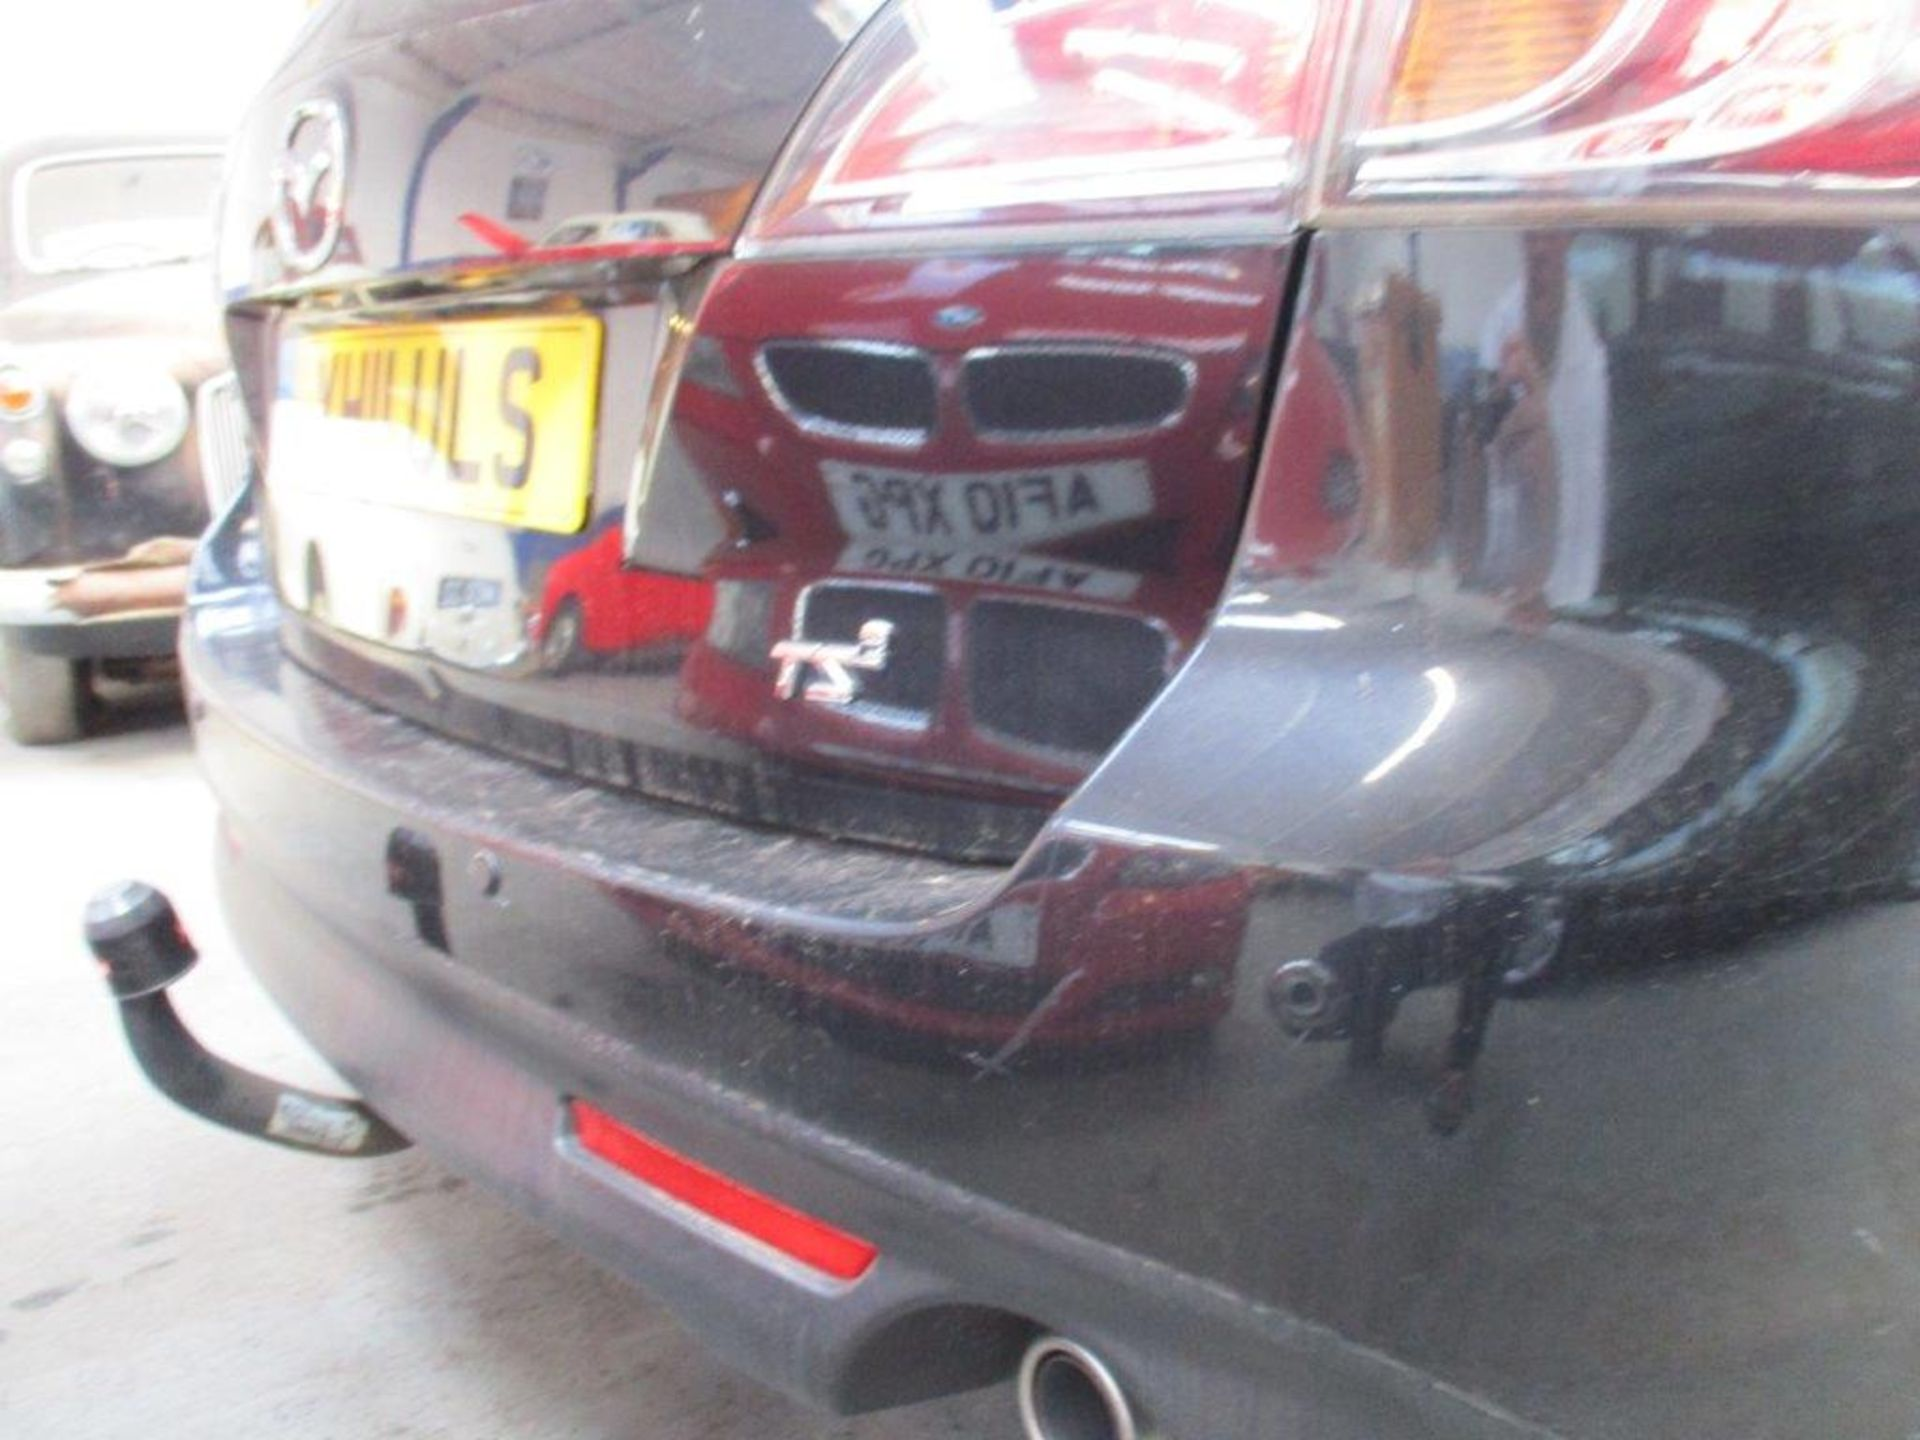 11 11 Mazda 6 TS2 D - Image 9 of 23